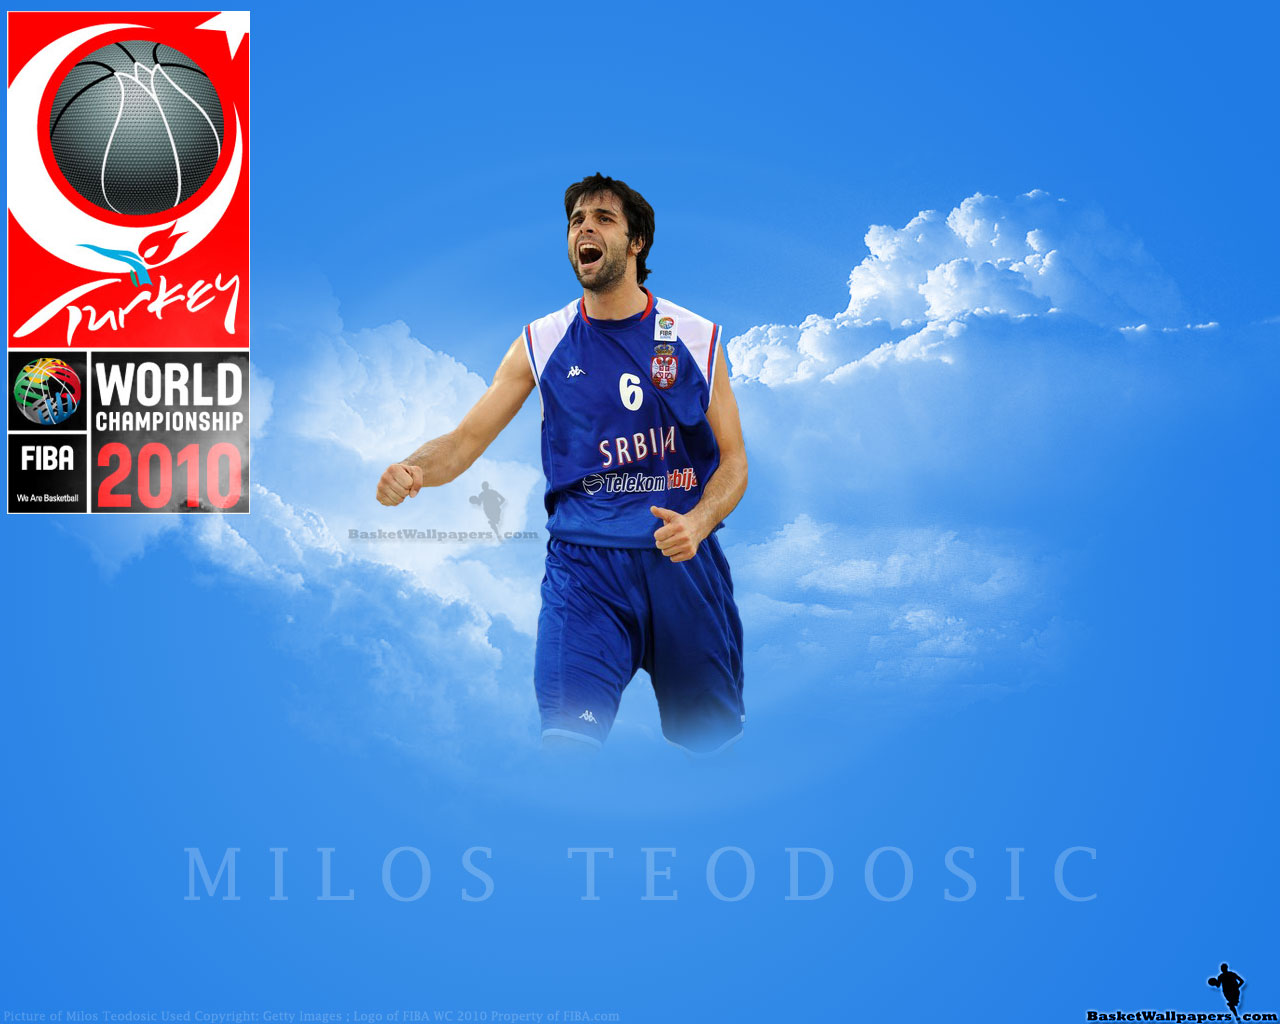 http://3.bp.blogspot.com/_ViotQ7AWcZI/TIKHh06L6MI/AAAAAAAAAUE/99uSFymtcuU/s1600/Milos-Teodosic-FIBA-World-Championship-2010-Wallpaper.jpg